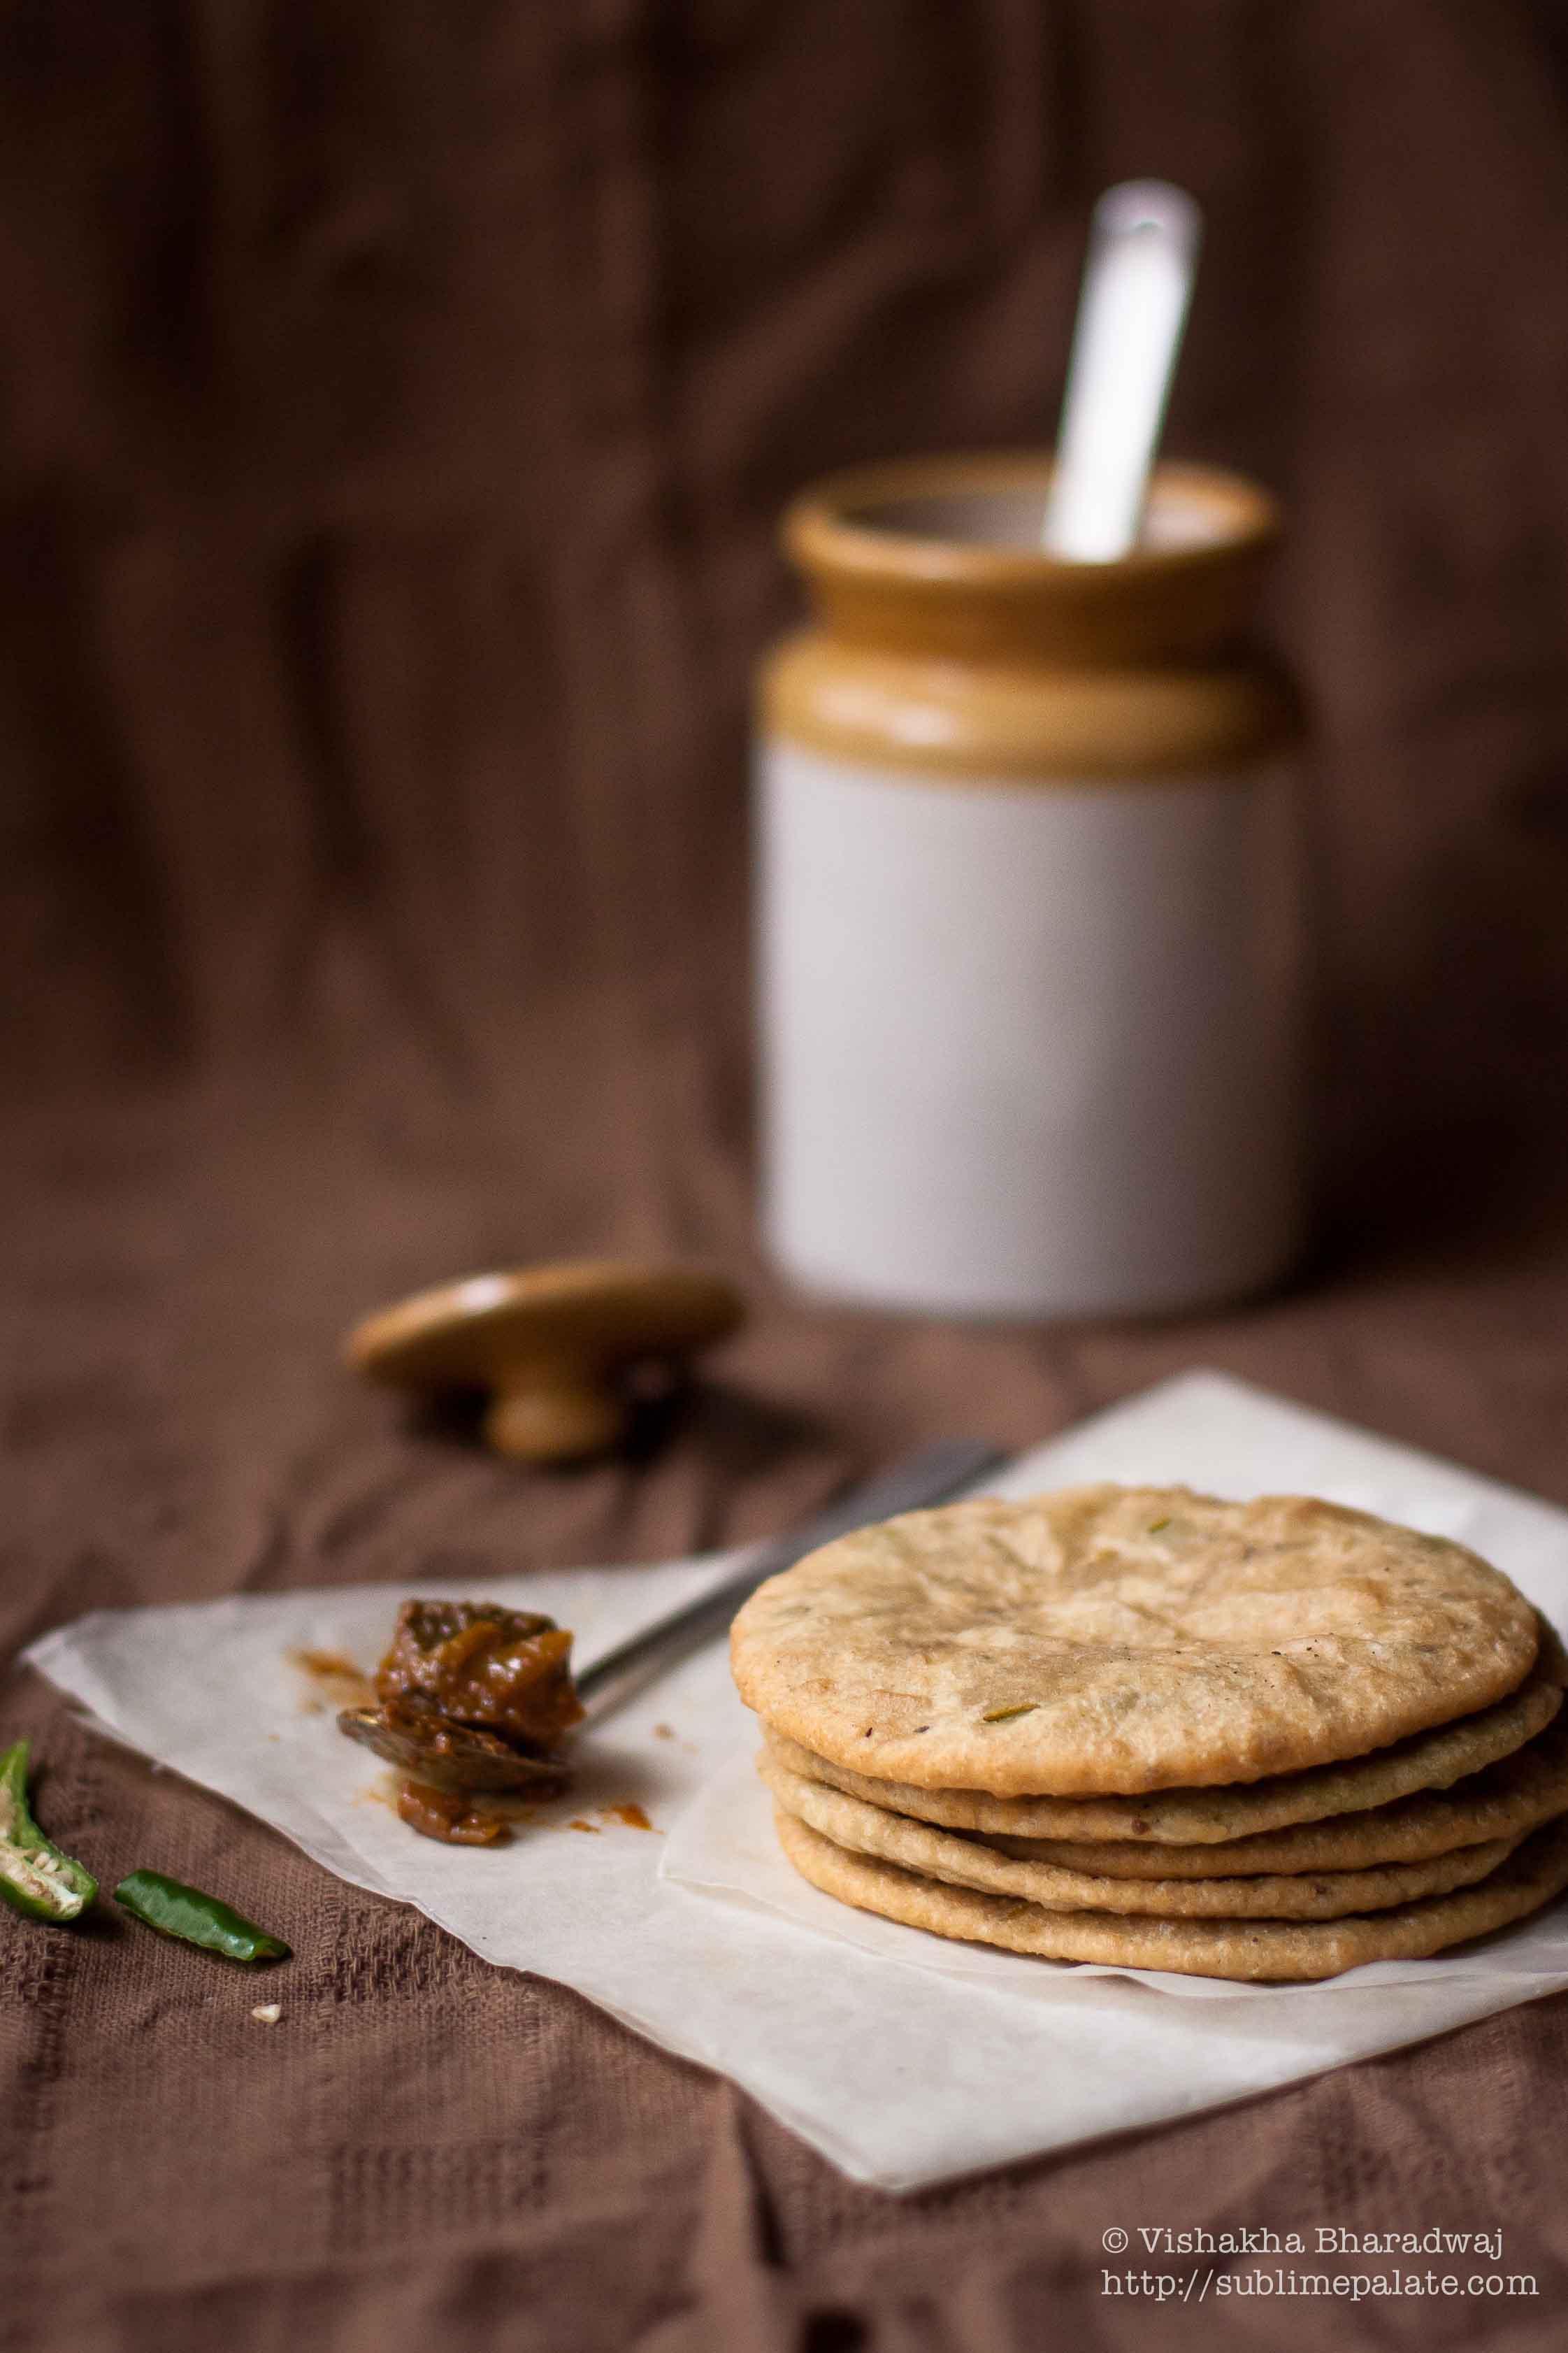 bengali food blog – Sublime Palate